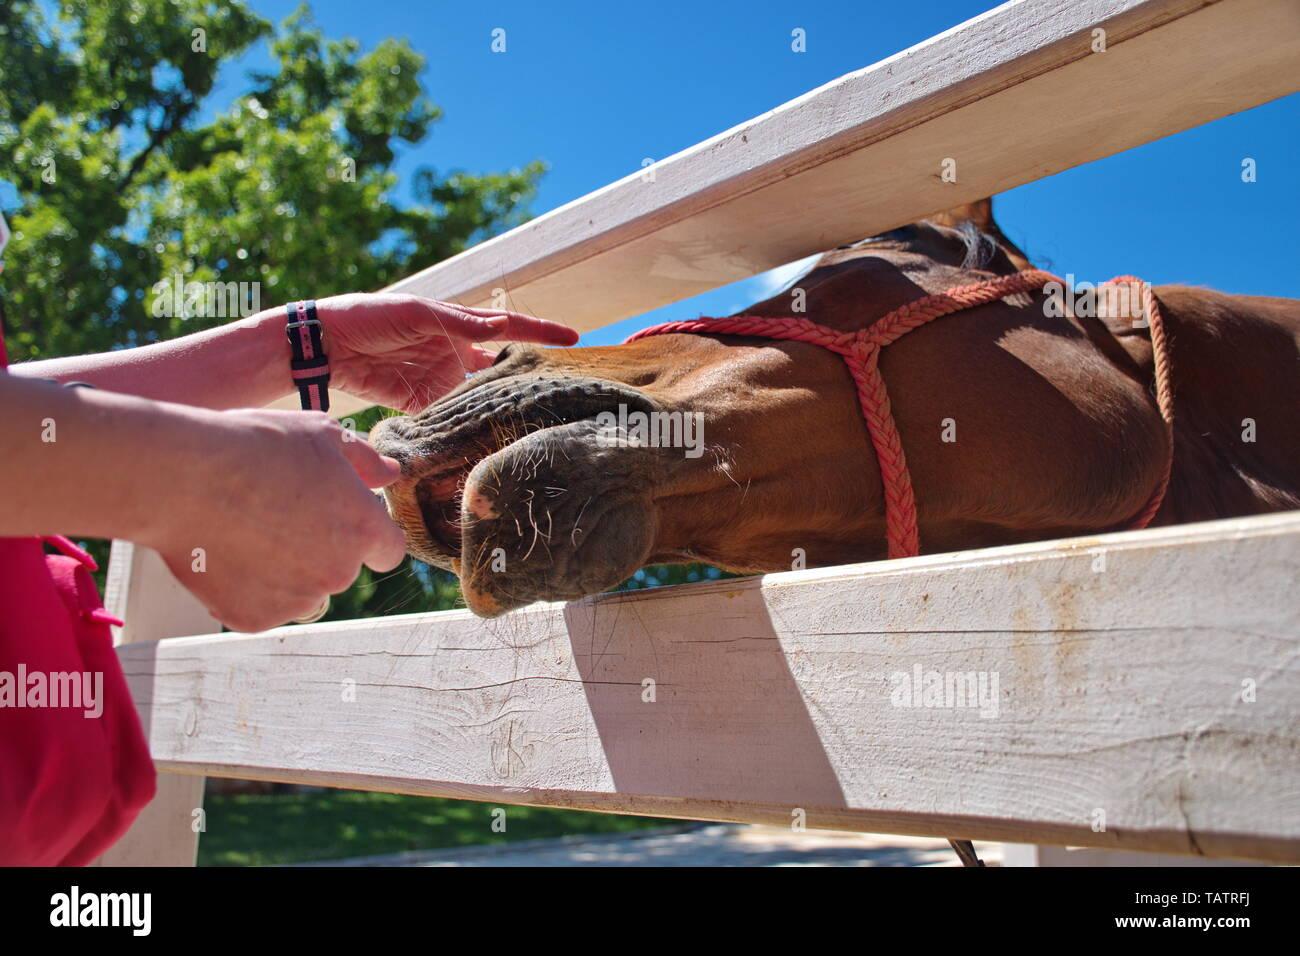 la réputation d'abord profiter de prix pas cher enfant Closeup of horse in manege Stock Photo: 247637030 - Alamy